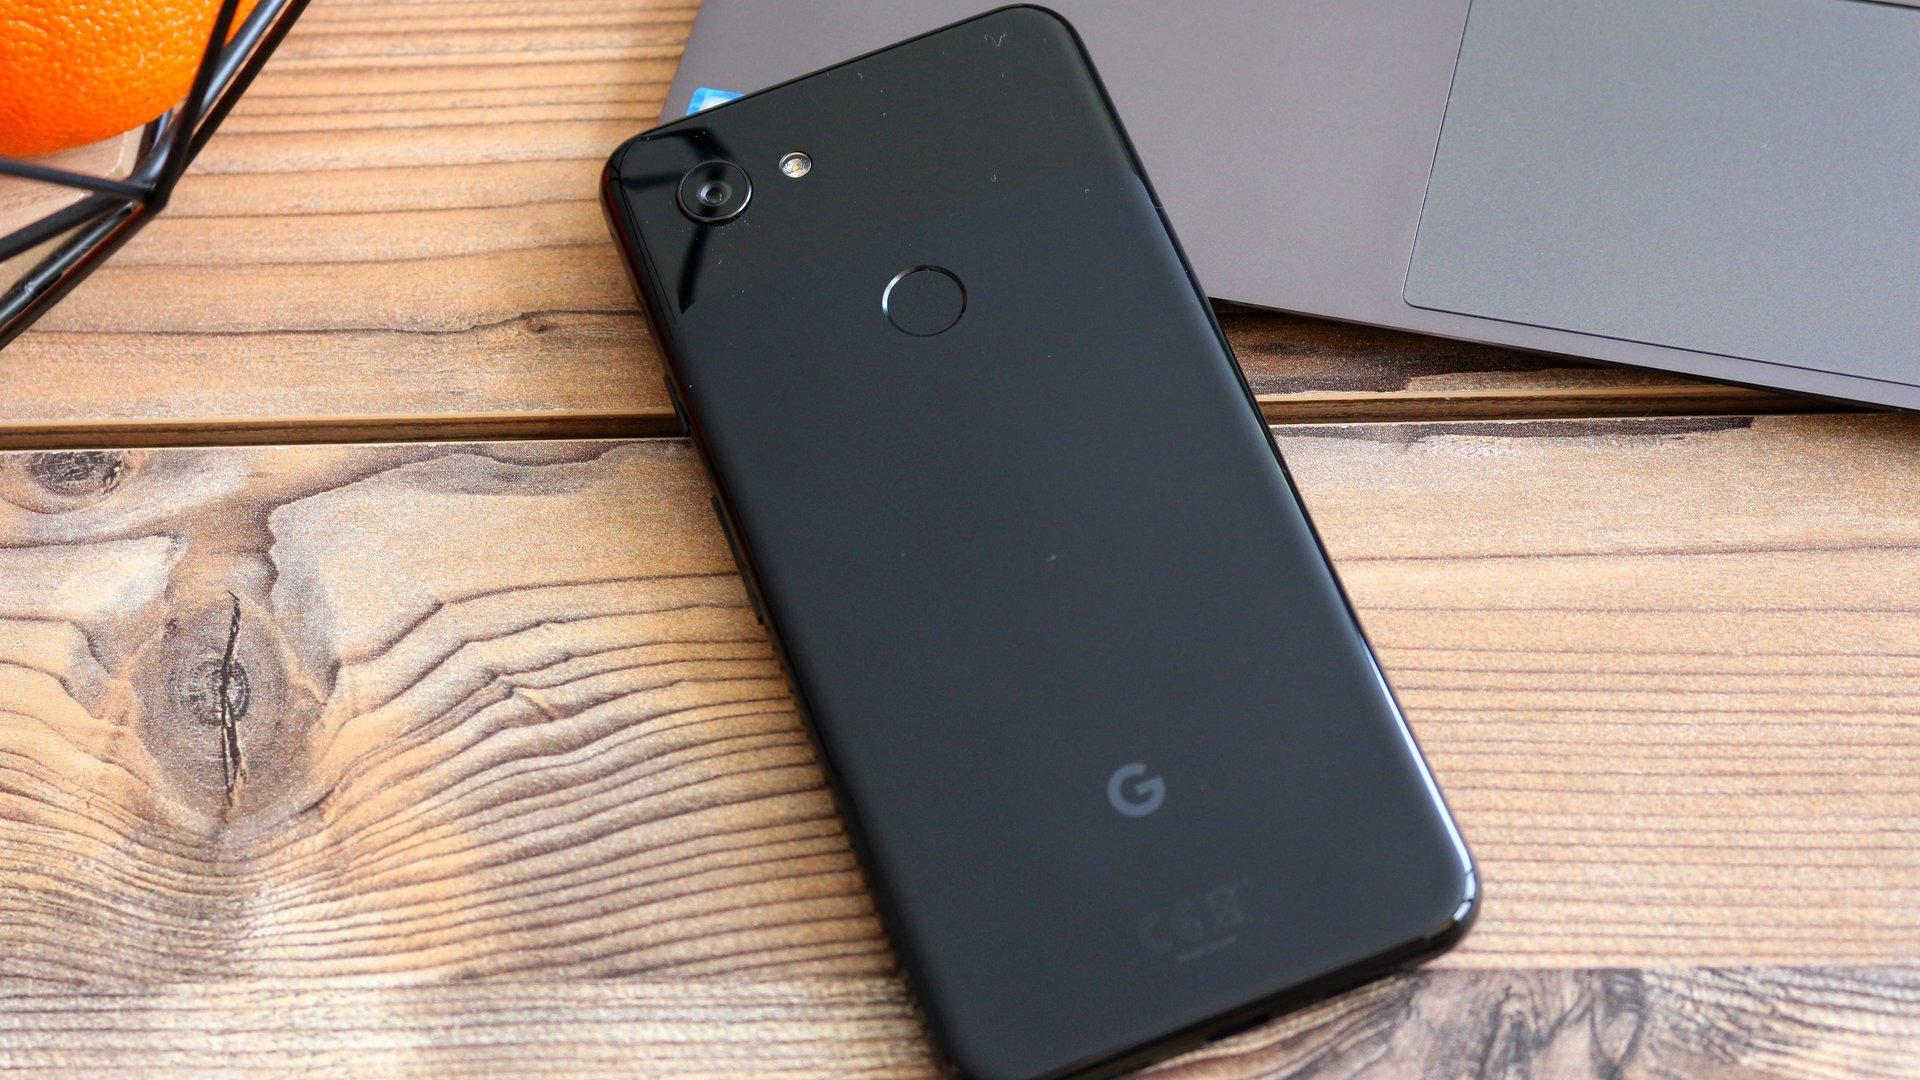 Pixel 3a Ist Sieger Google Handy Erhalt Uberraschende Auszeichnung